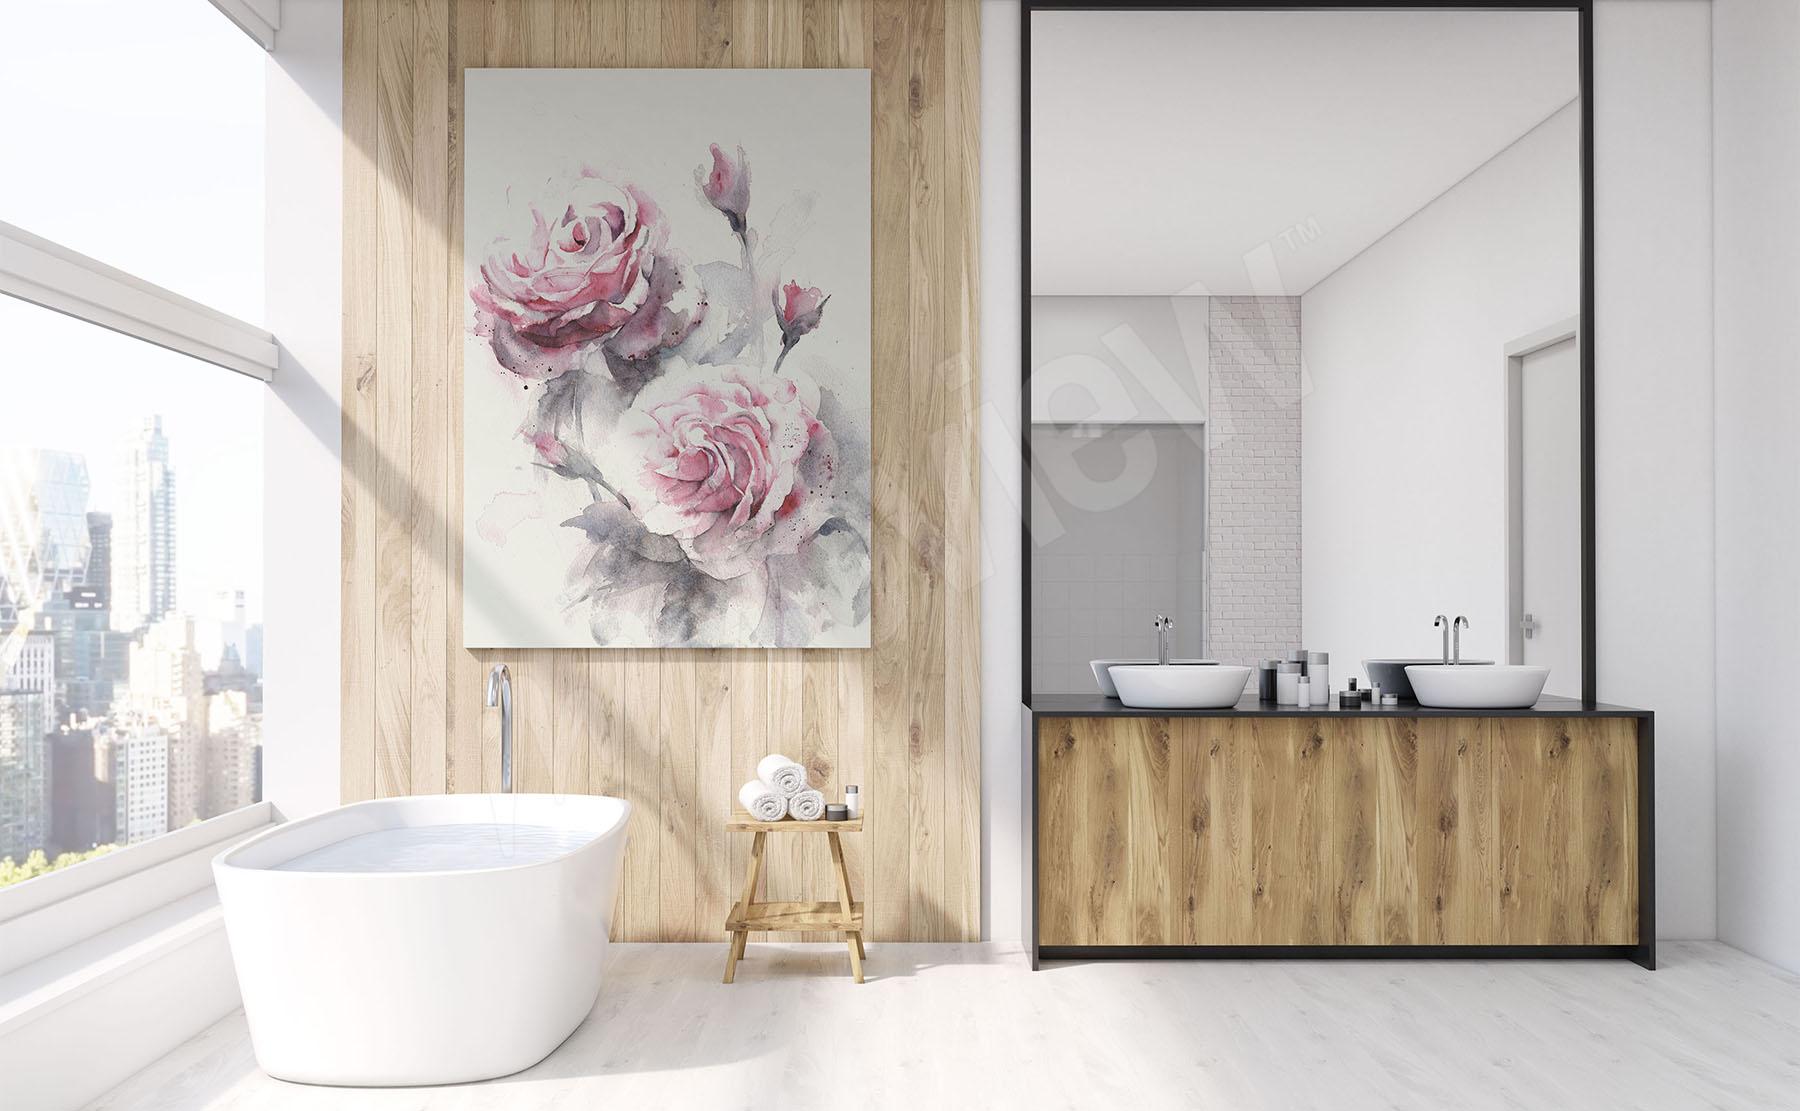 bilder bad • größe der wand   myloview.de, Badezimmer ideen